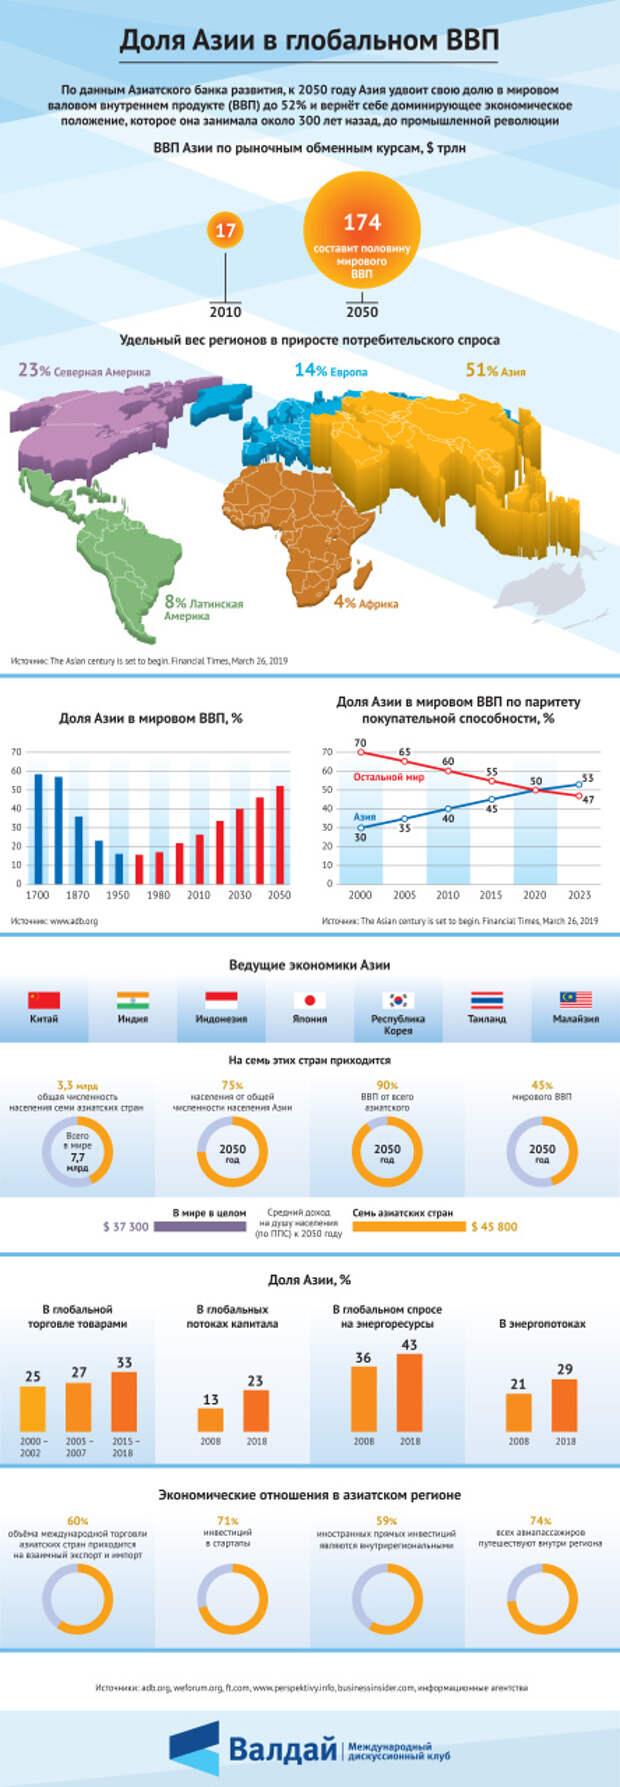 Доля Азии в глобальном ВВП